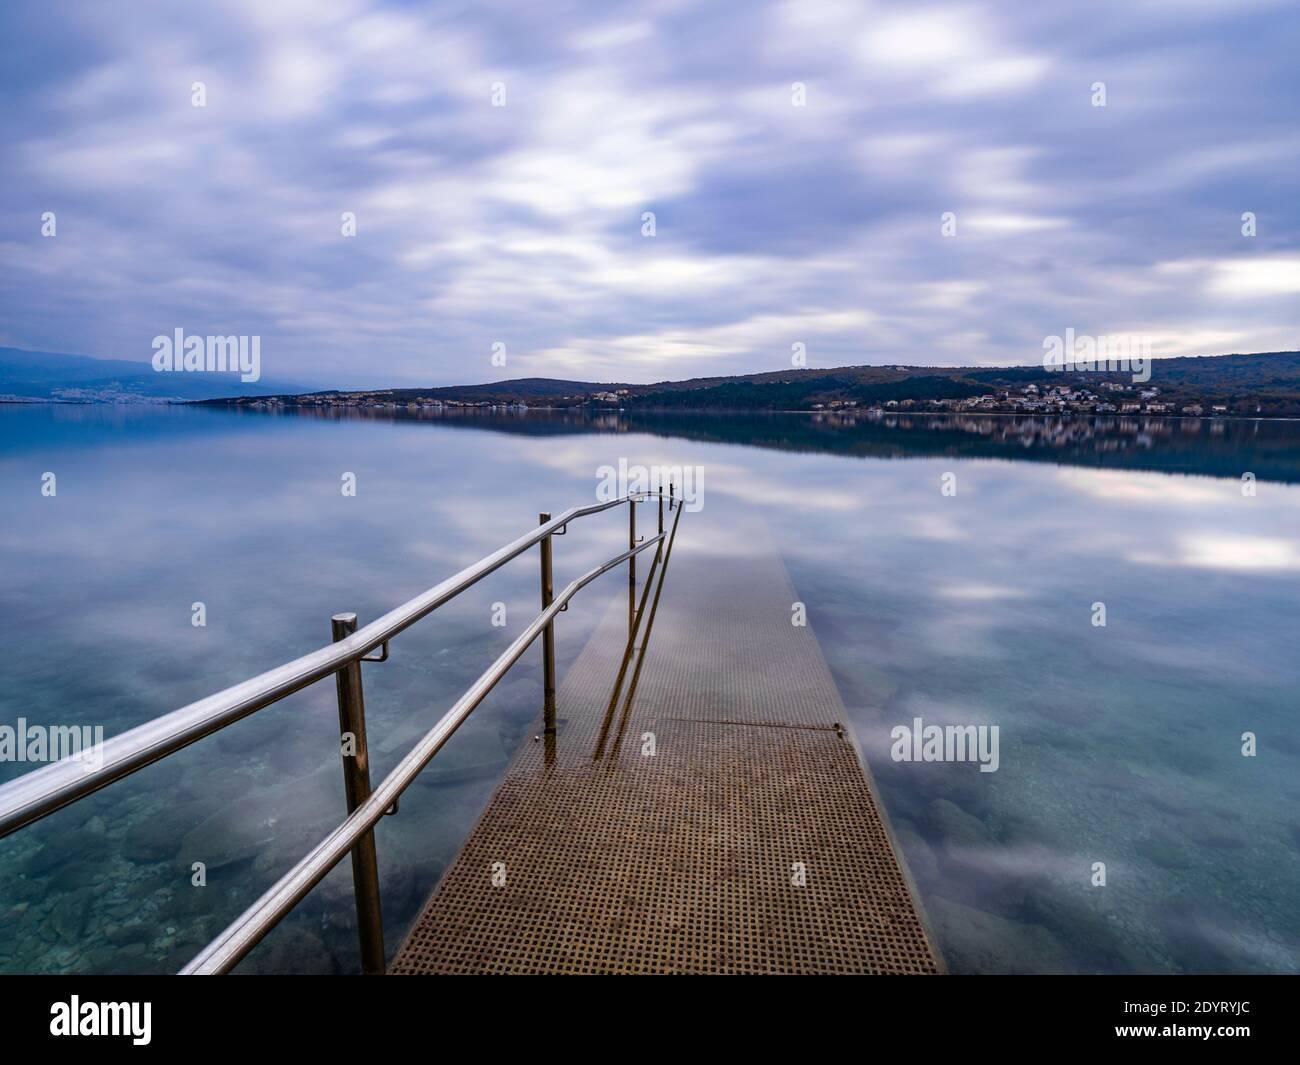 Barandilla de la valla metálica que conduce al mar de exposición larga Cizici En la isla de Krk en Croacia Europa la exposición prolongada refleja suave calma superficie calma Foto de stock